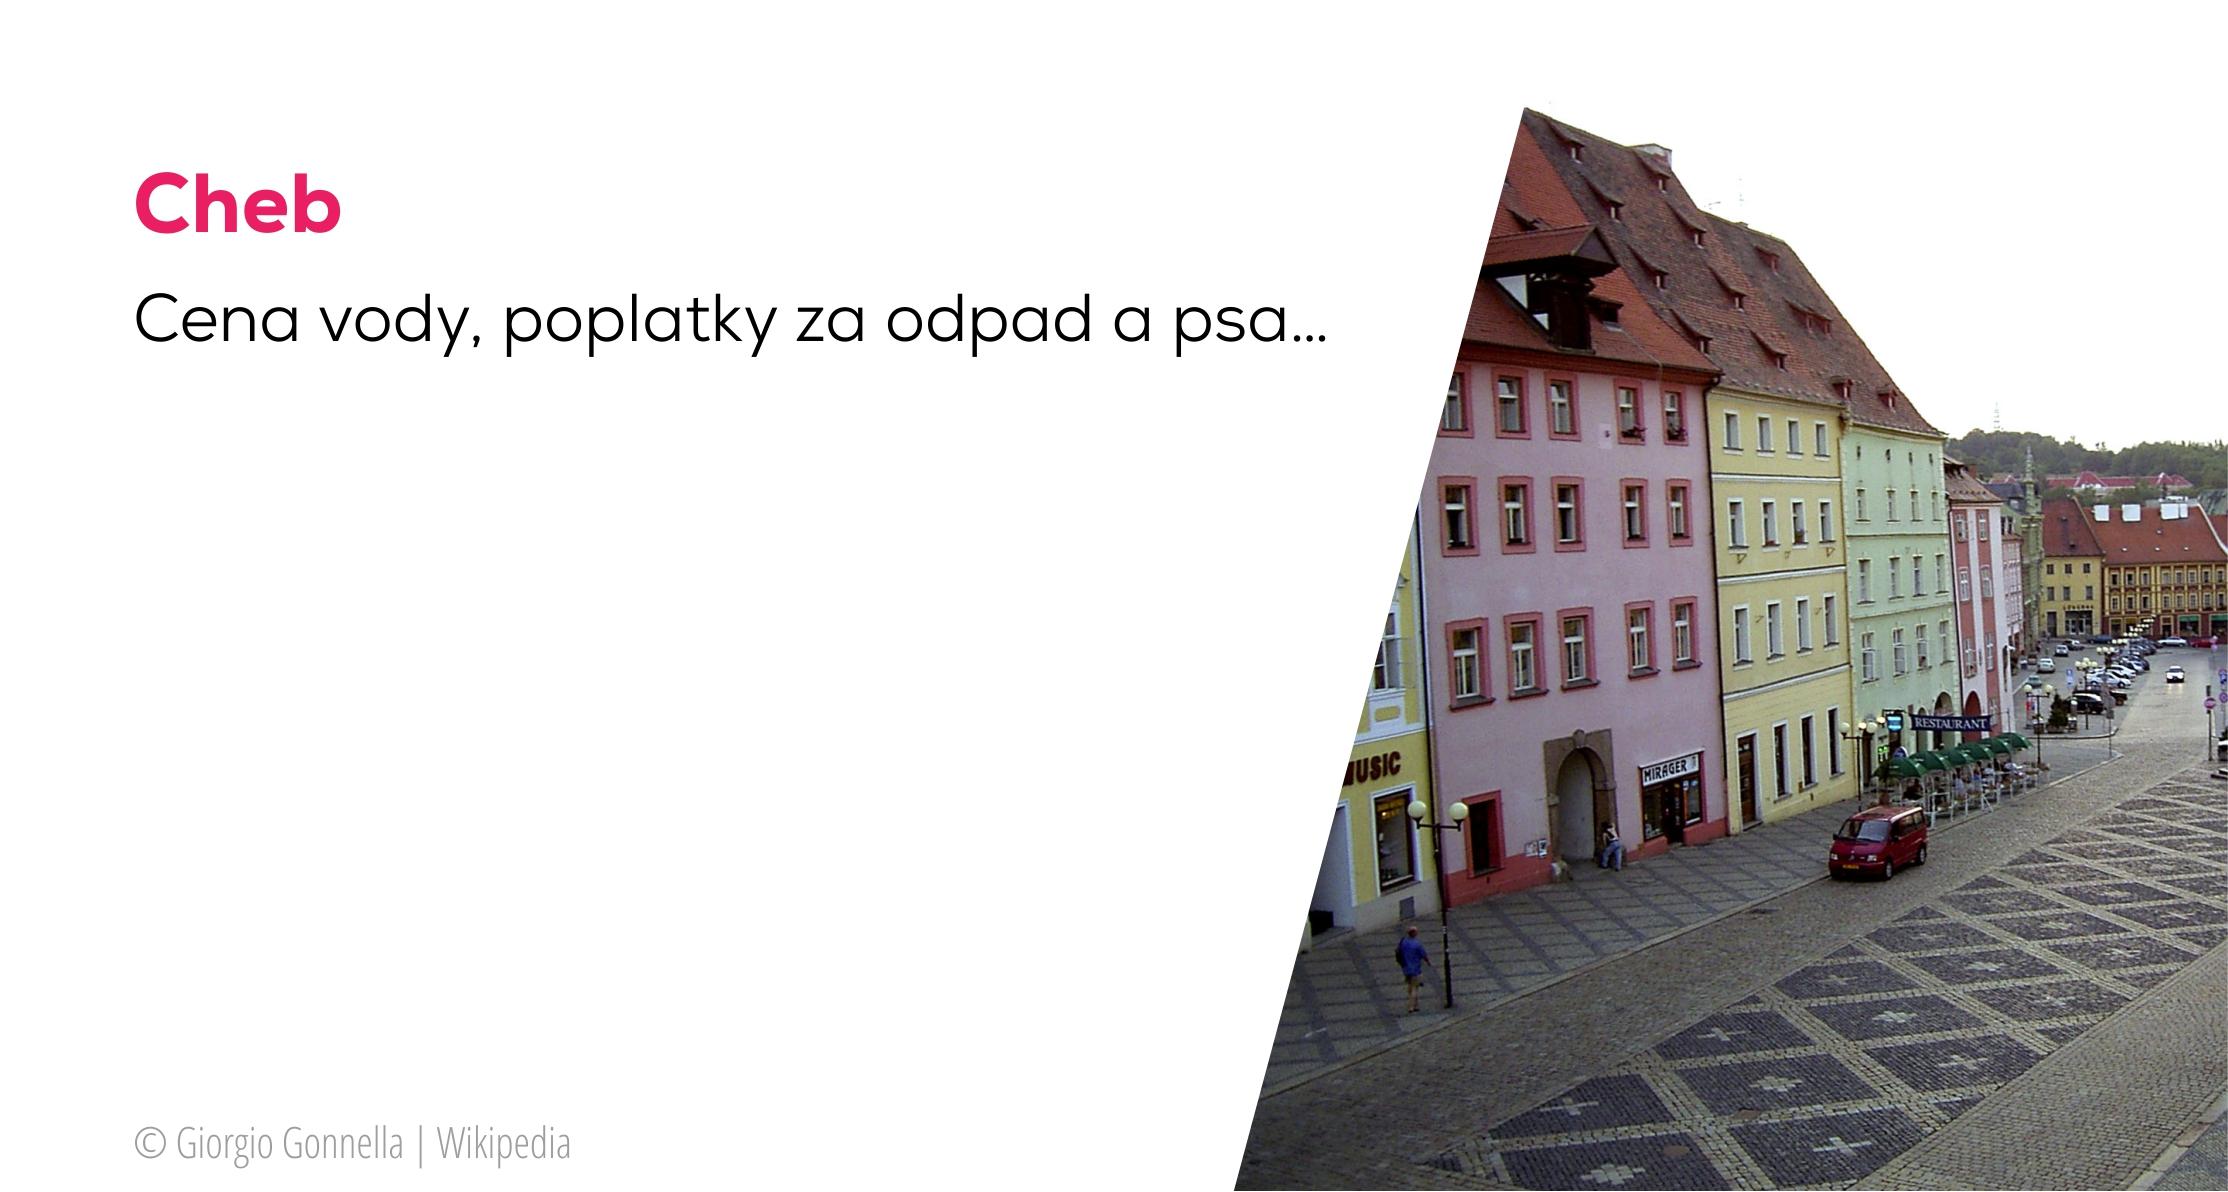 Pujcka online české budějovice image 5